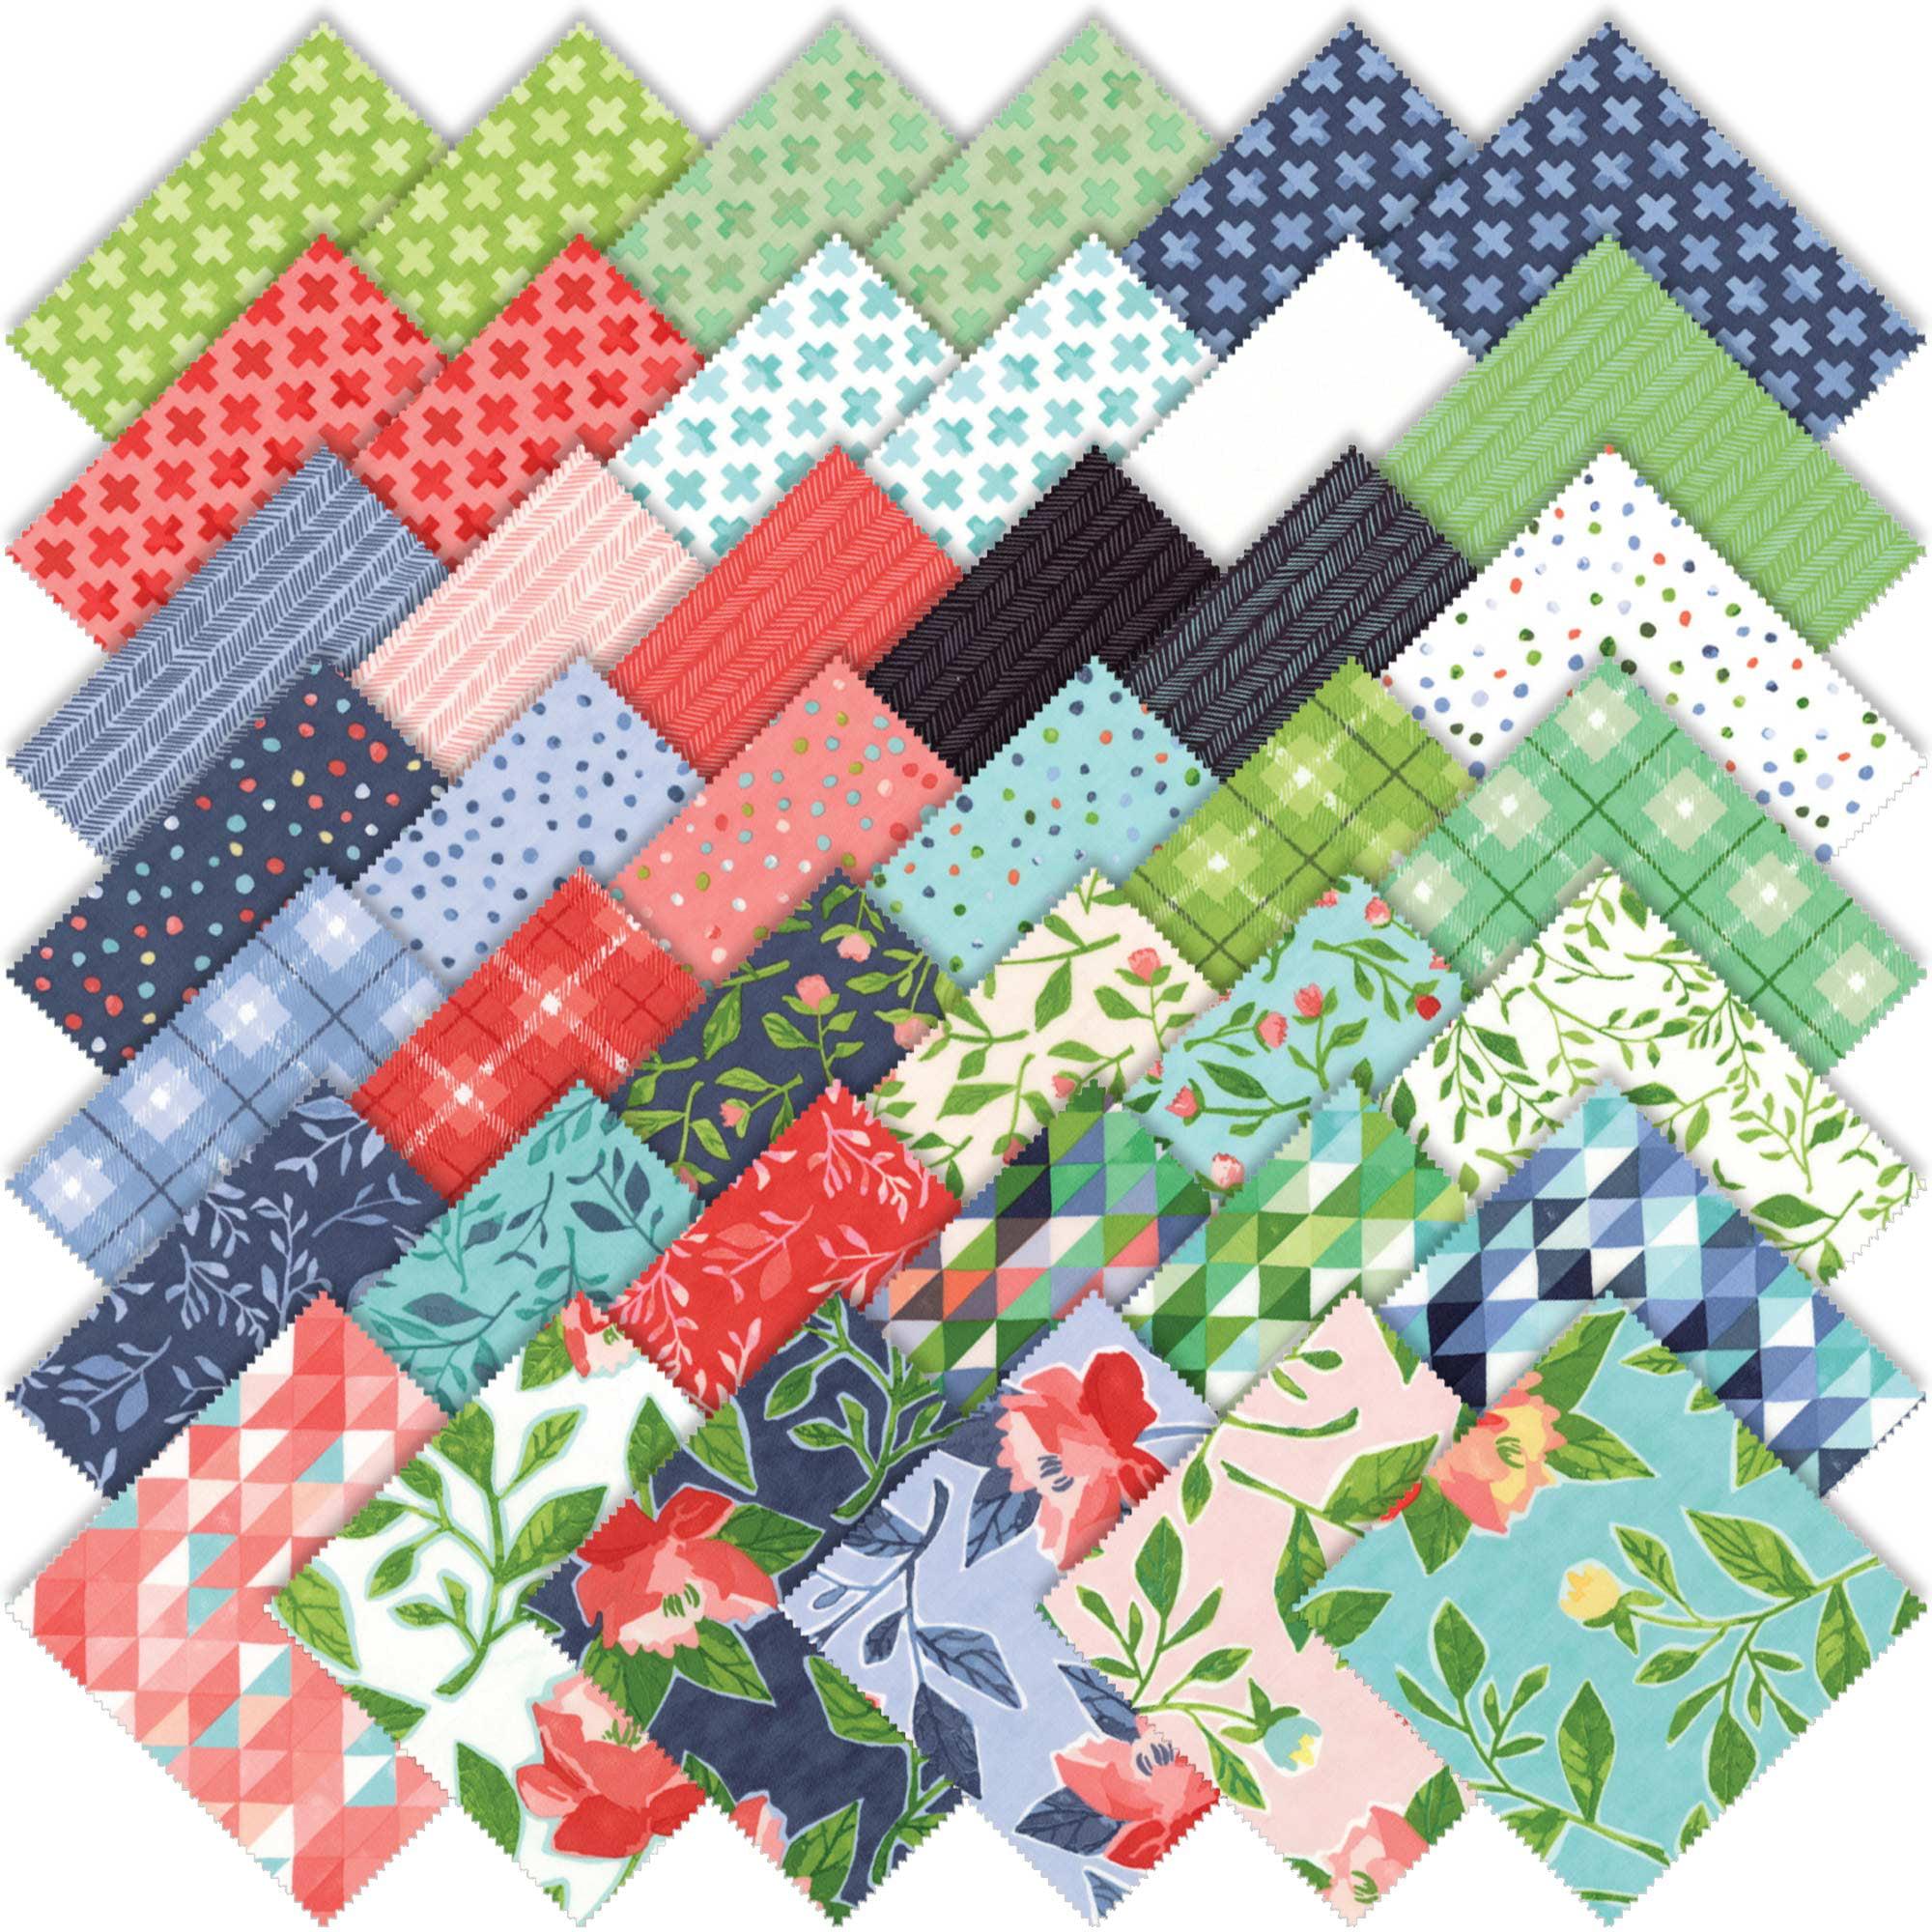 15 oz Cotton Fabric Squares Bundle